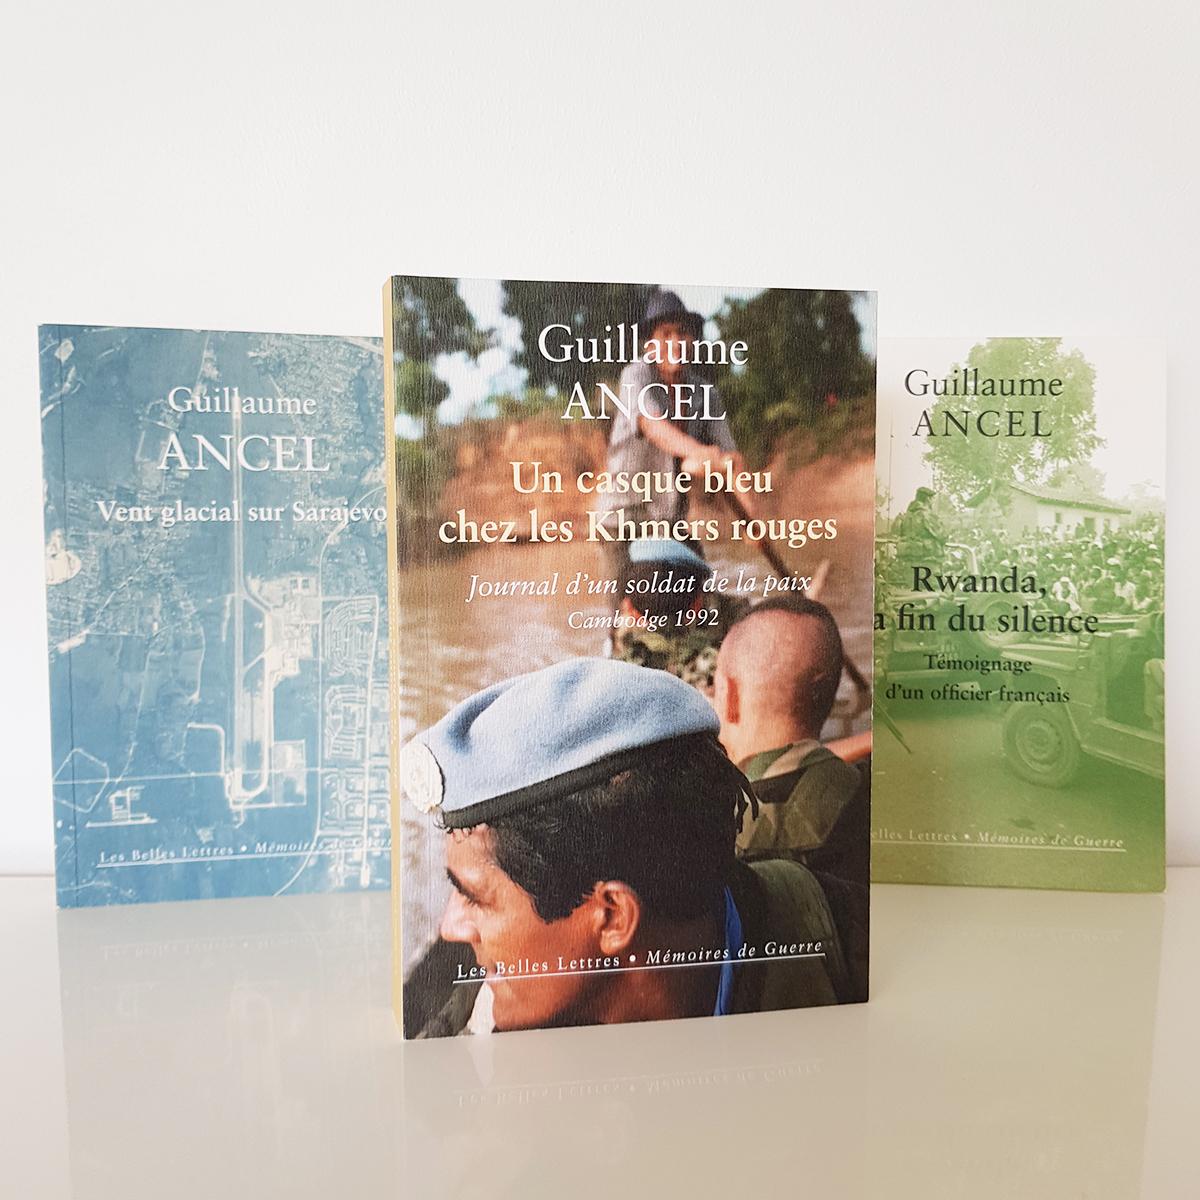 Publications de Guillaume Ancel